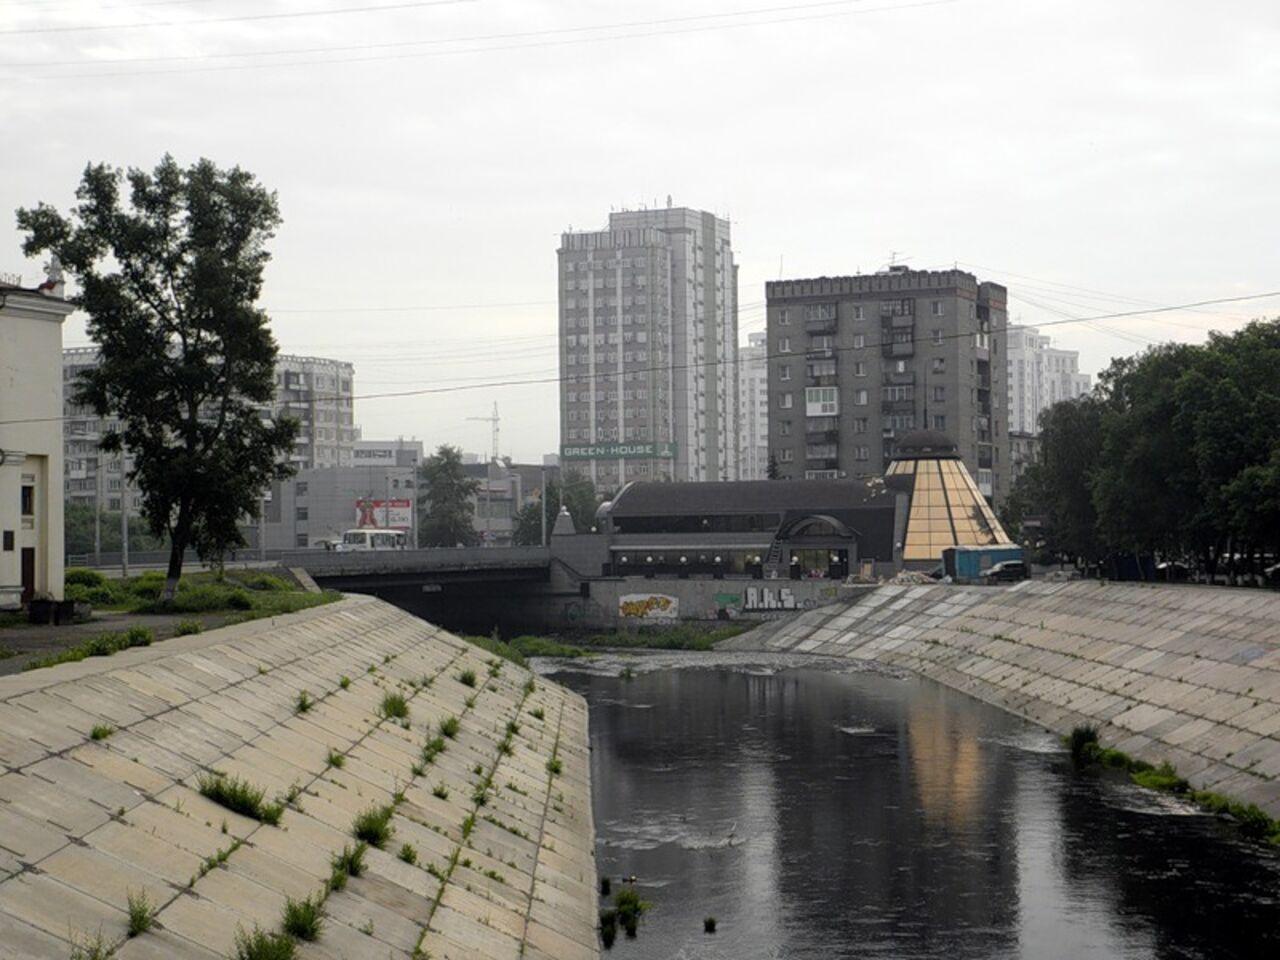 Нарасчистку реки Аба выделят 150 млн руб.